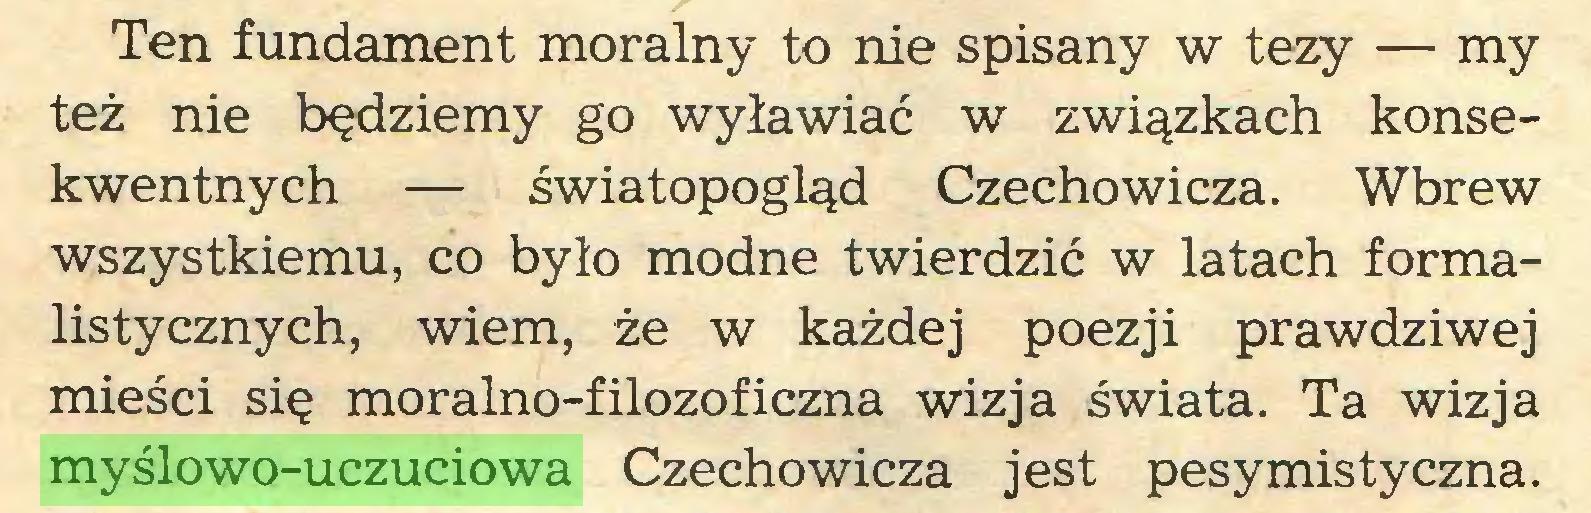 (...) Ten fundament moralny to nie spisany w tezy — my też nie będziemy go wyławiać w związkach konsekwentnych — światopogląd Czechowicza. Wbrew wszystkiemu, co było modne twierdzić w latach formalistycznych, wiem, że w każdej poezji prawdziwej mieści się moralno-filozoficzna wizja świata. Ta wizja myślowo-uczuciowa Czechowicza jest pesymistyczna...